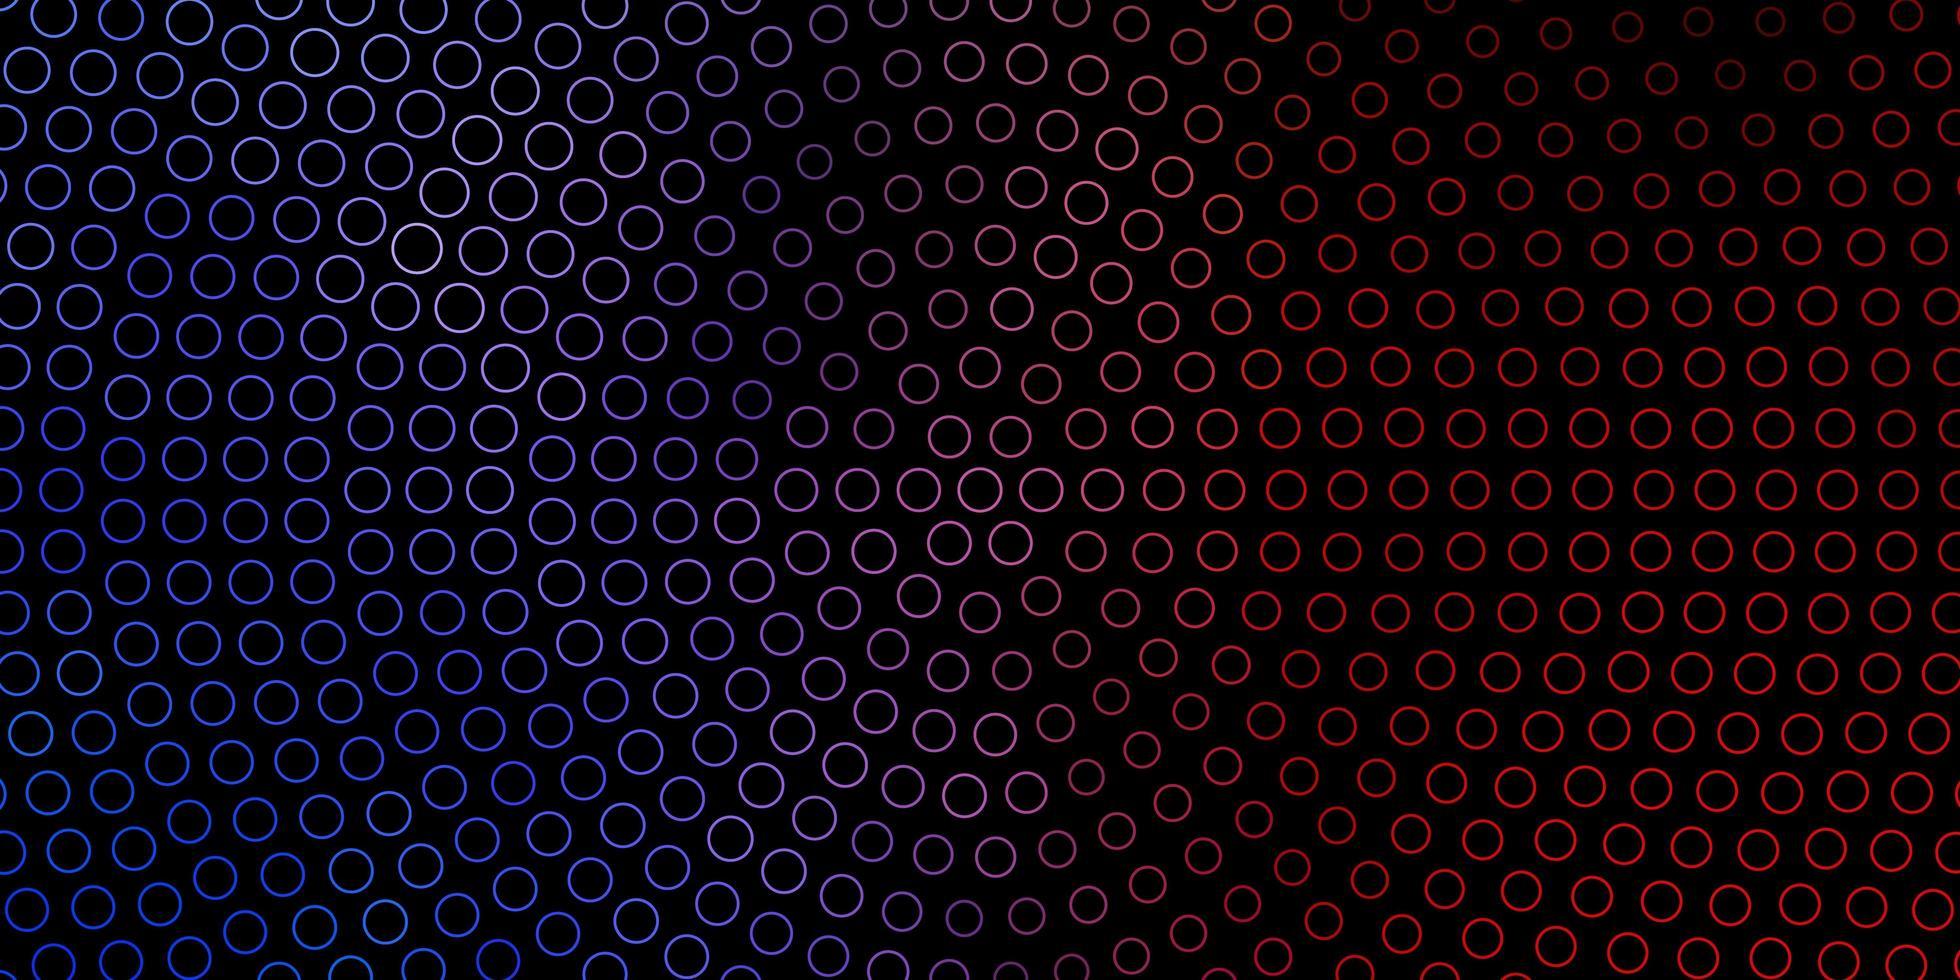 sfondo vettoriale blu scuro, rosso con cerchi.